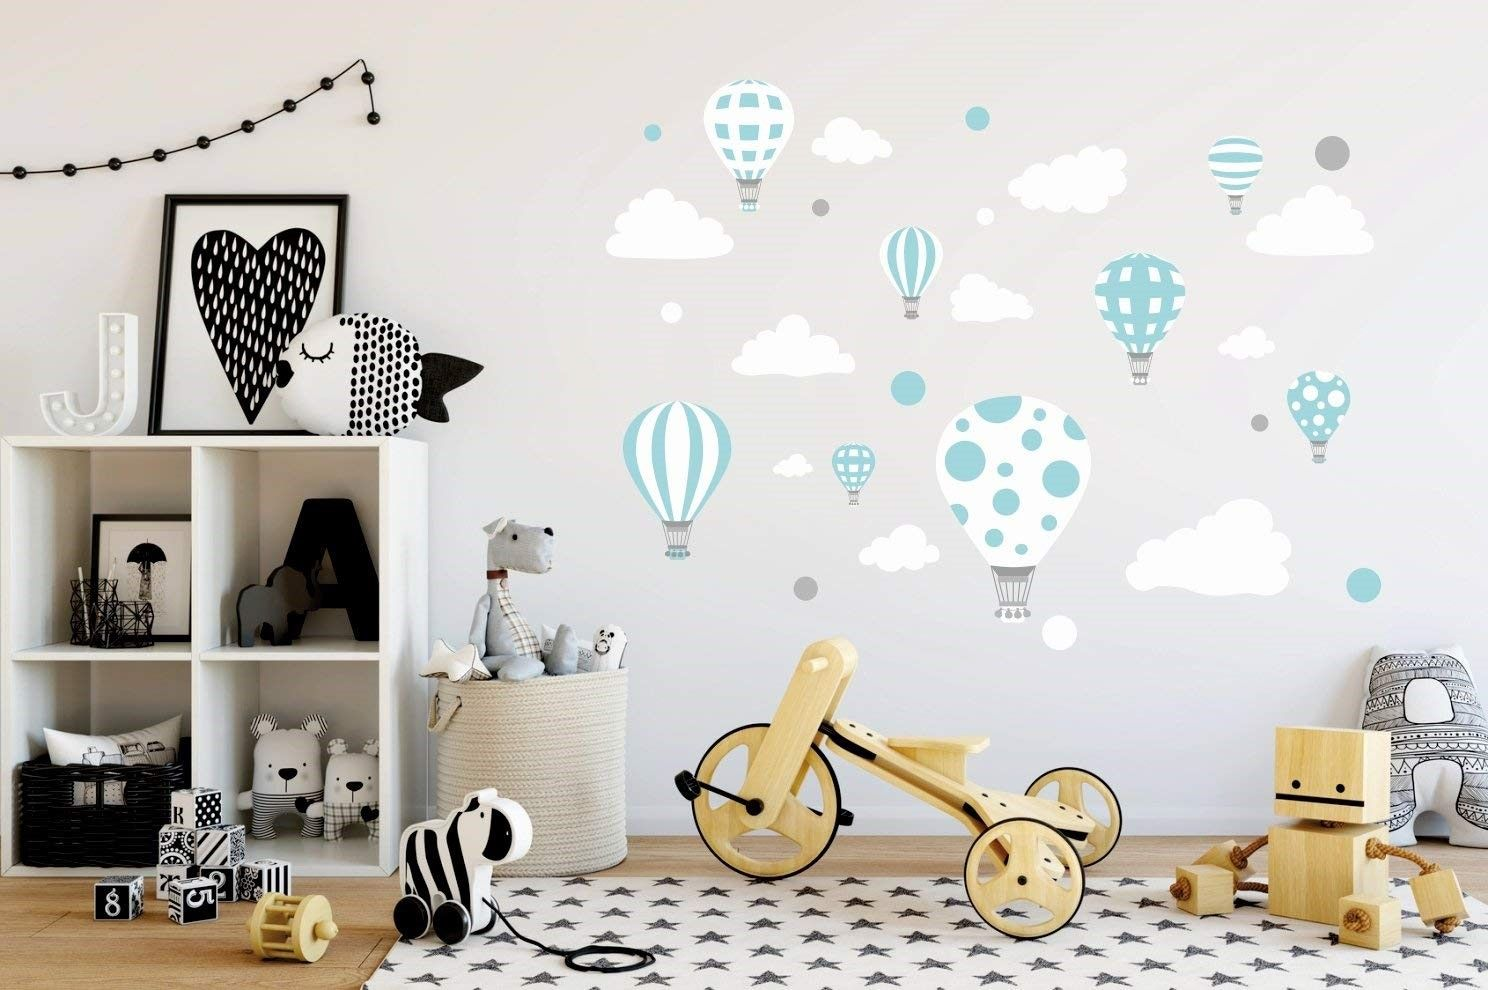 Ballon en vinyle pour décorer la chambre des enfants.